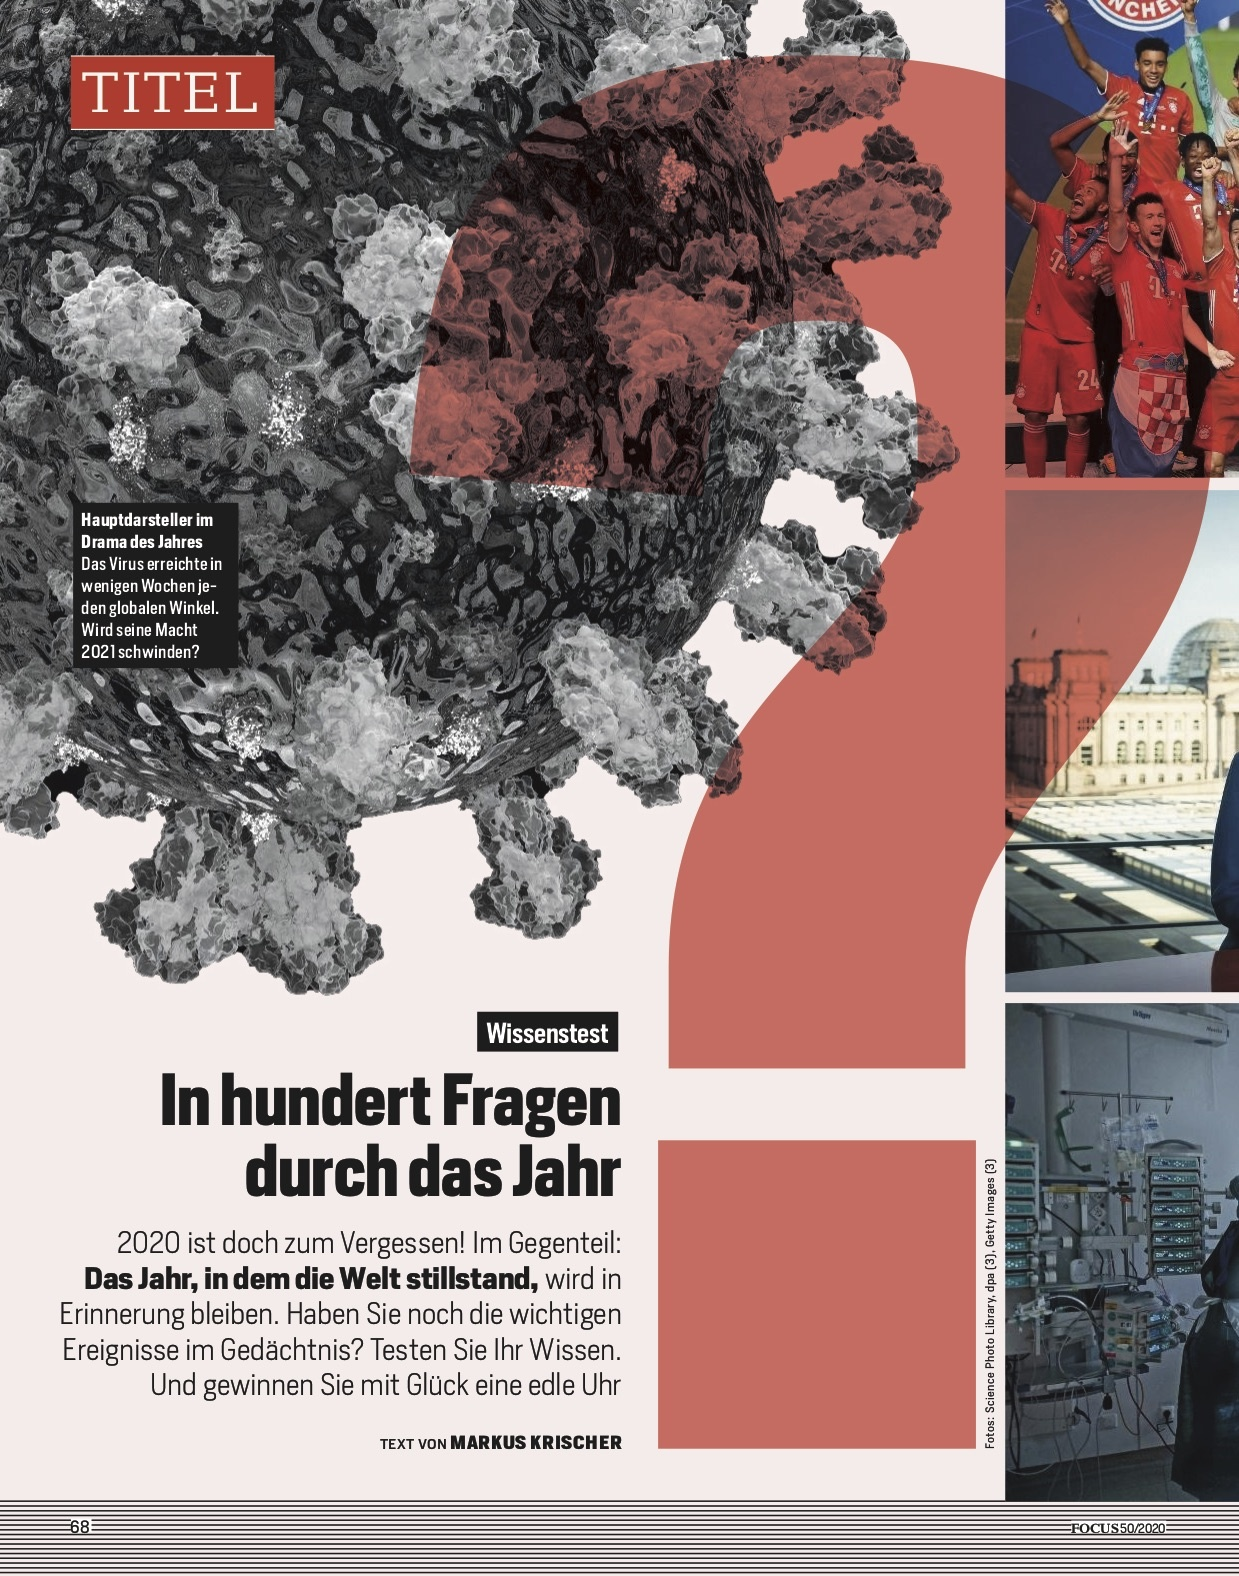 FOCUS Magazin FOCUS Magazin - Der große Wissenstest 2020